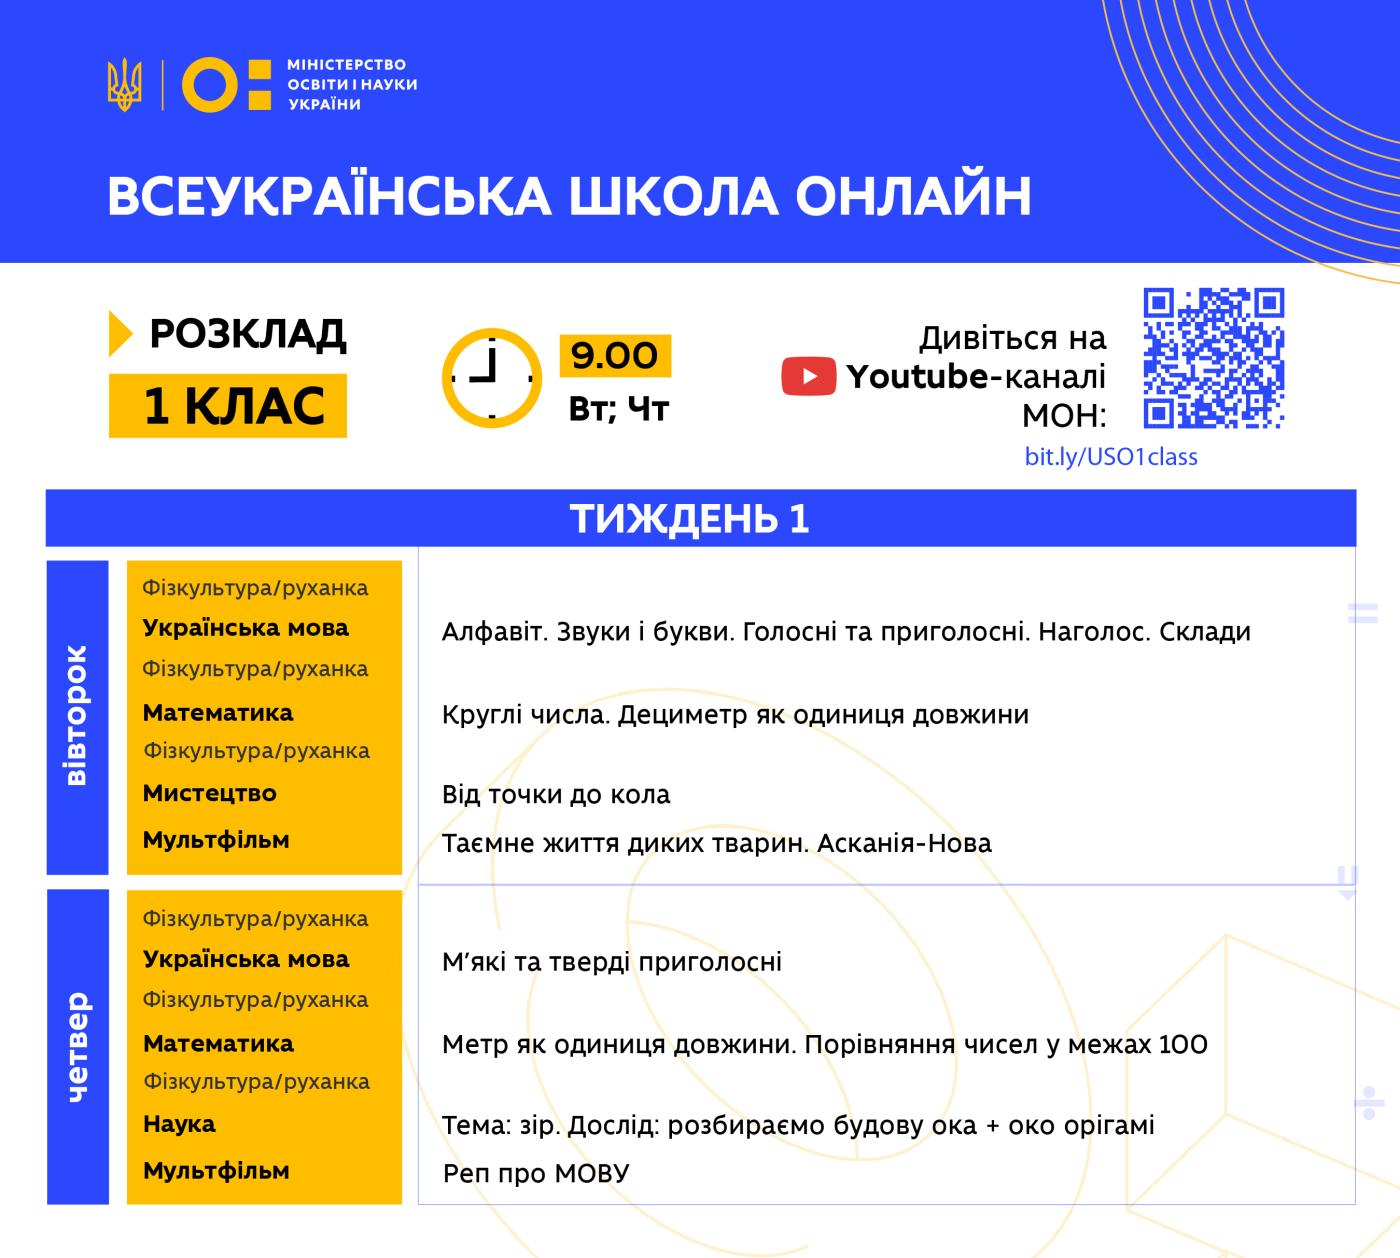 """Розклад уроків """"Всеукраїнської школи онлайн"""" для учнів 1-4 класів, фото-2"""